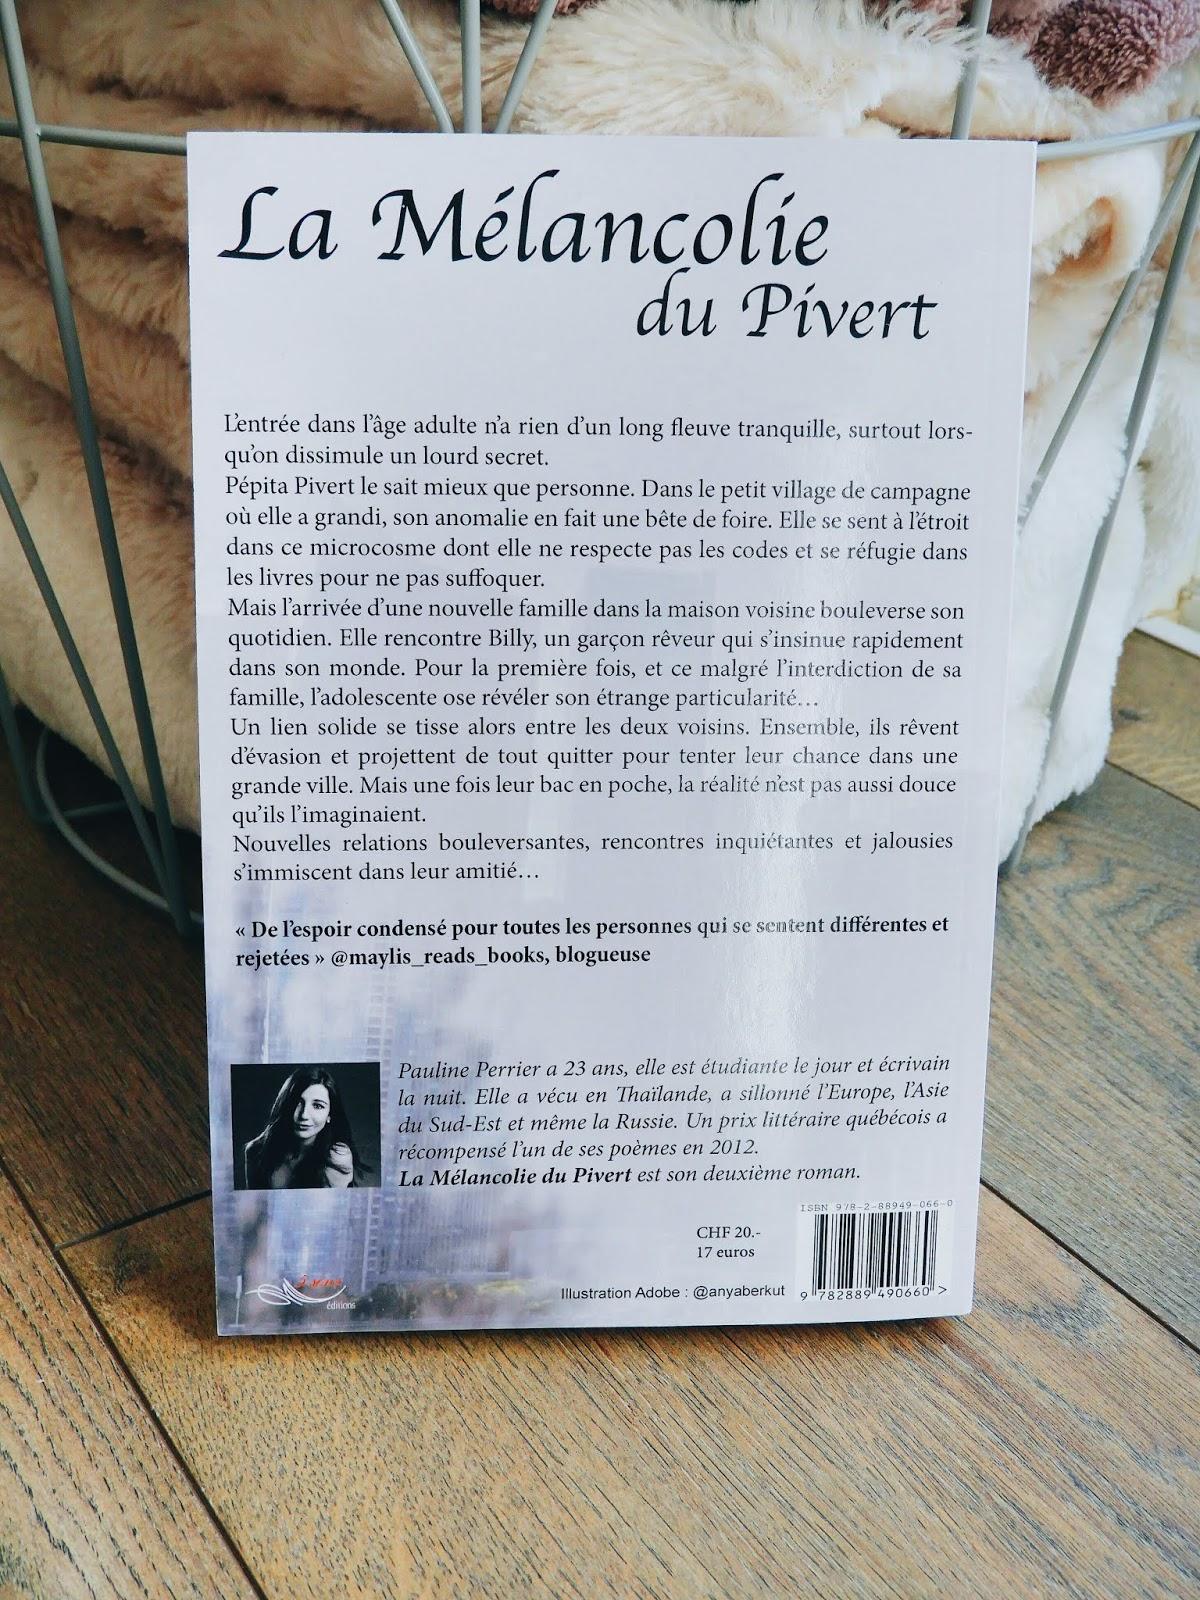 La Mélancolie du Pivert de Pauline Perrier